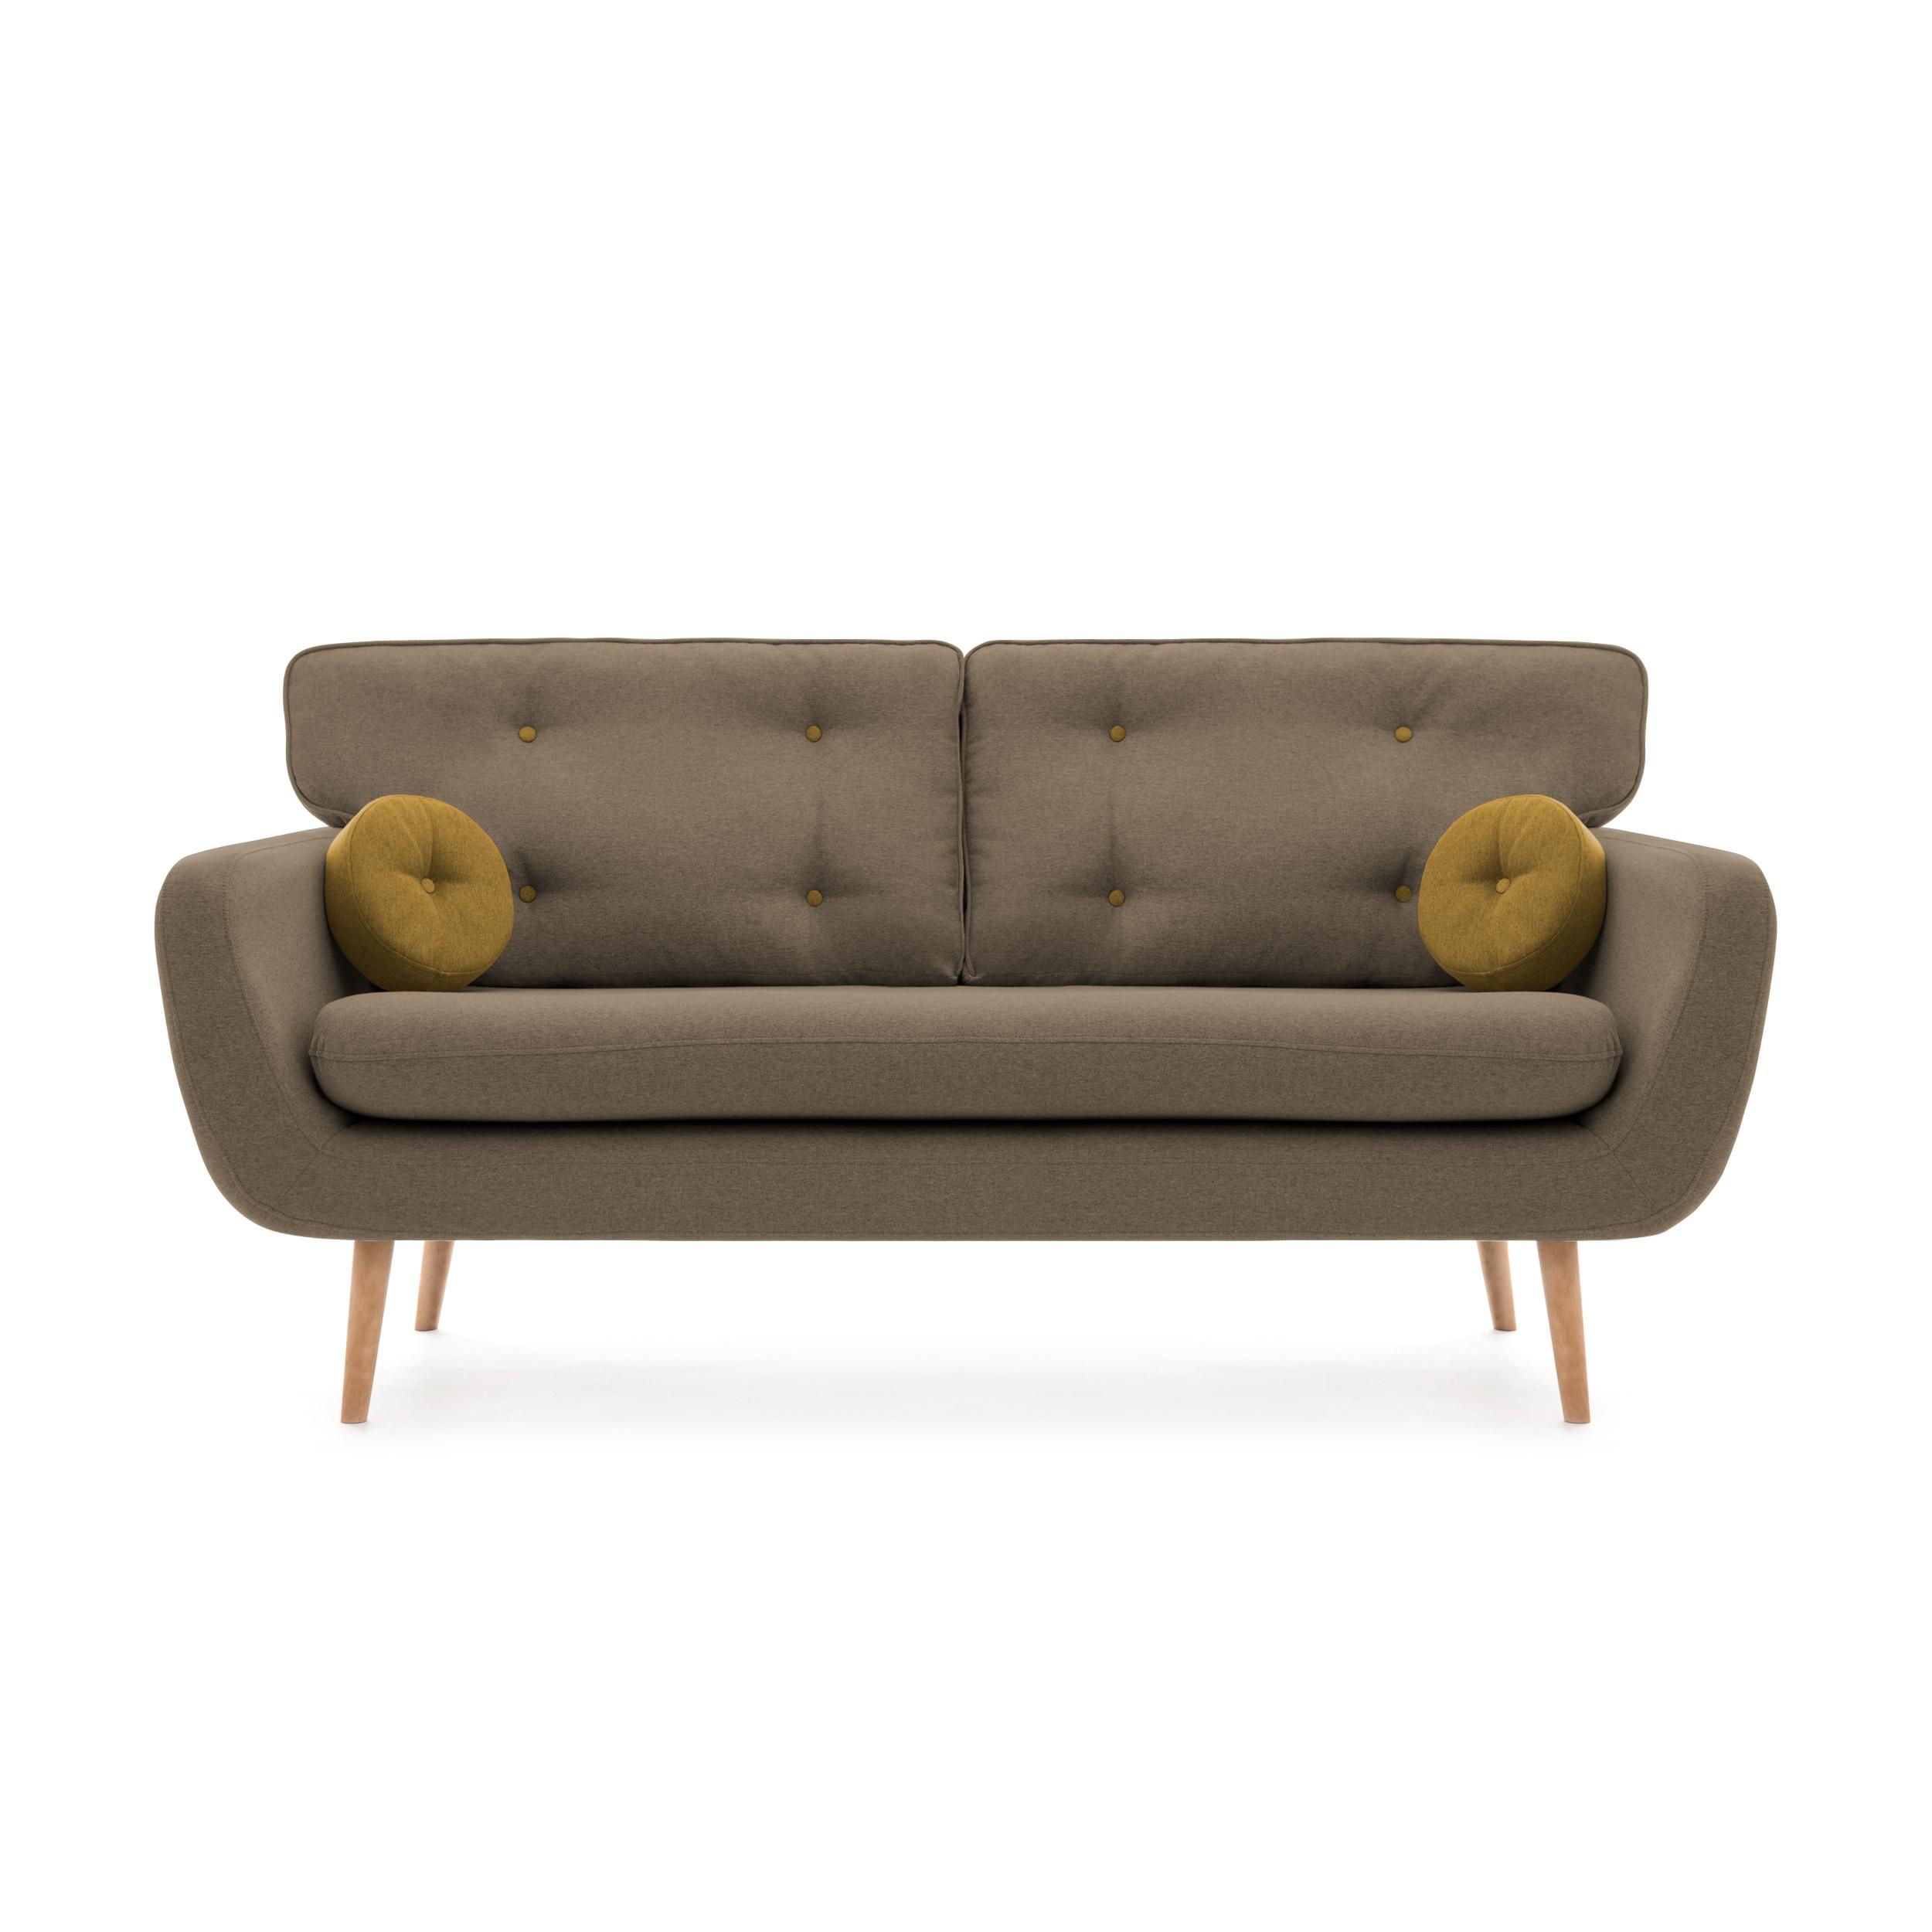 Canapea Fixa 3 locuri Malva Beige